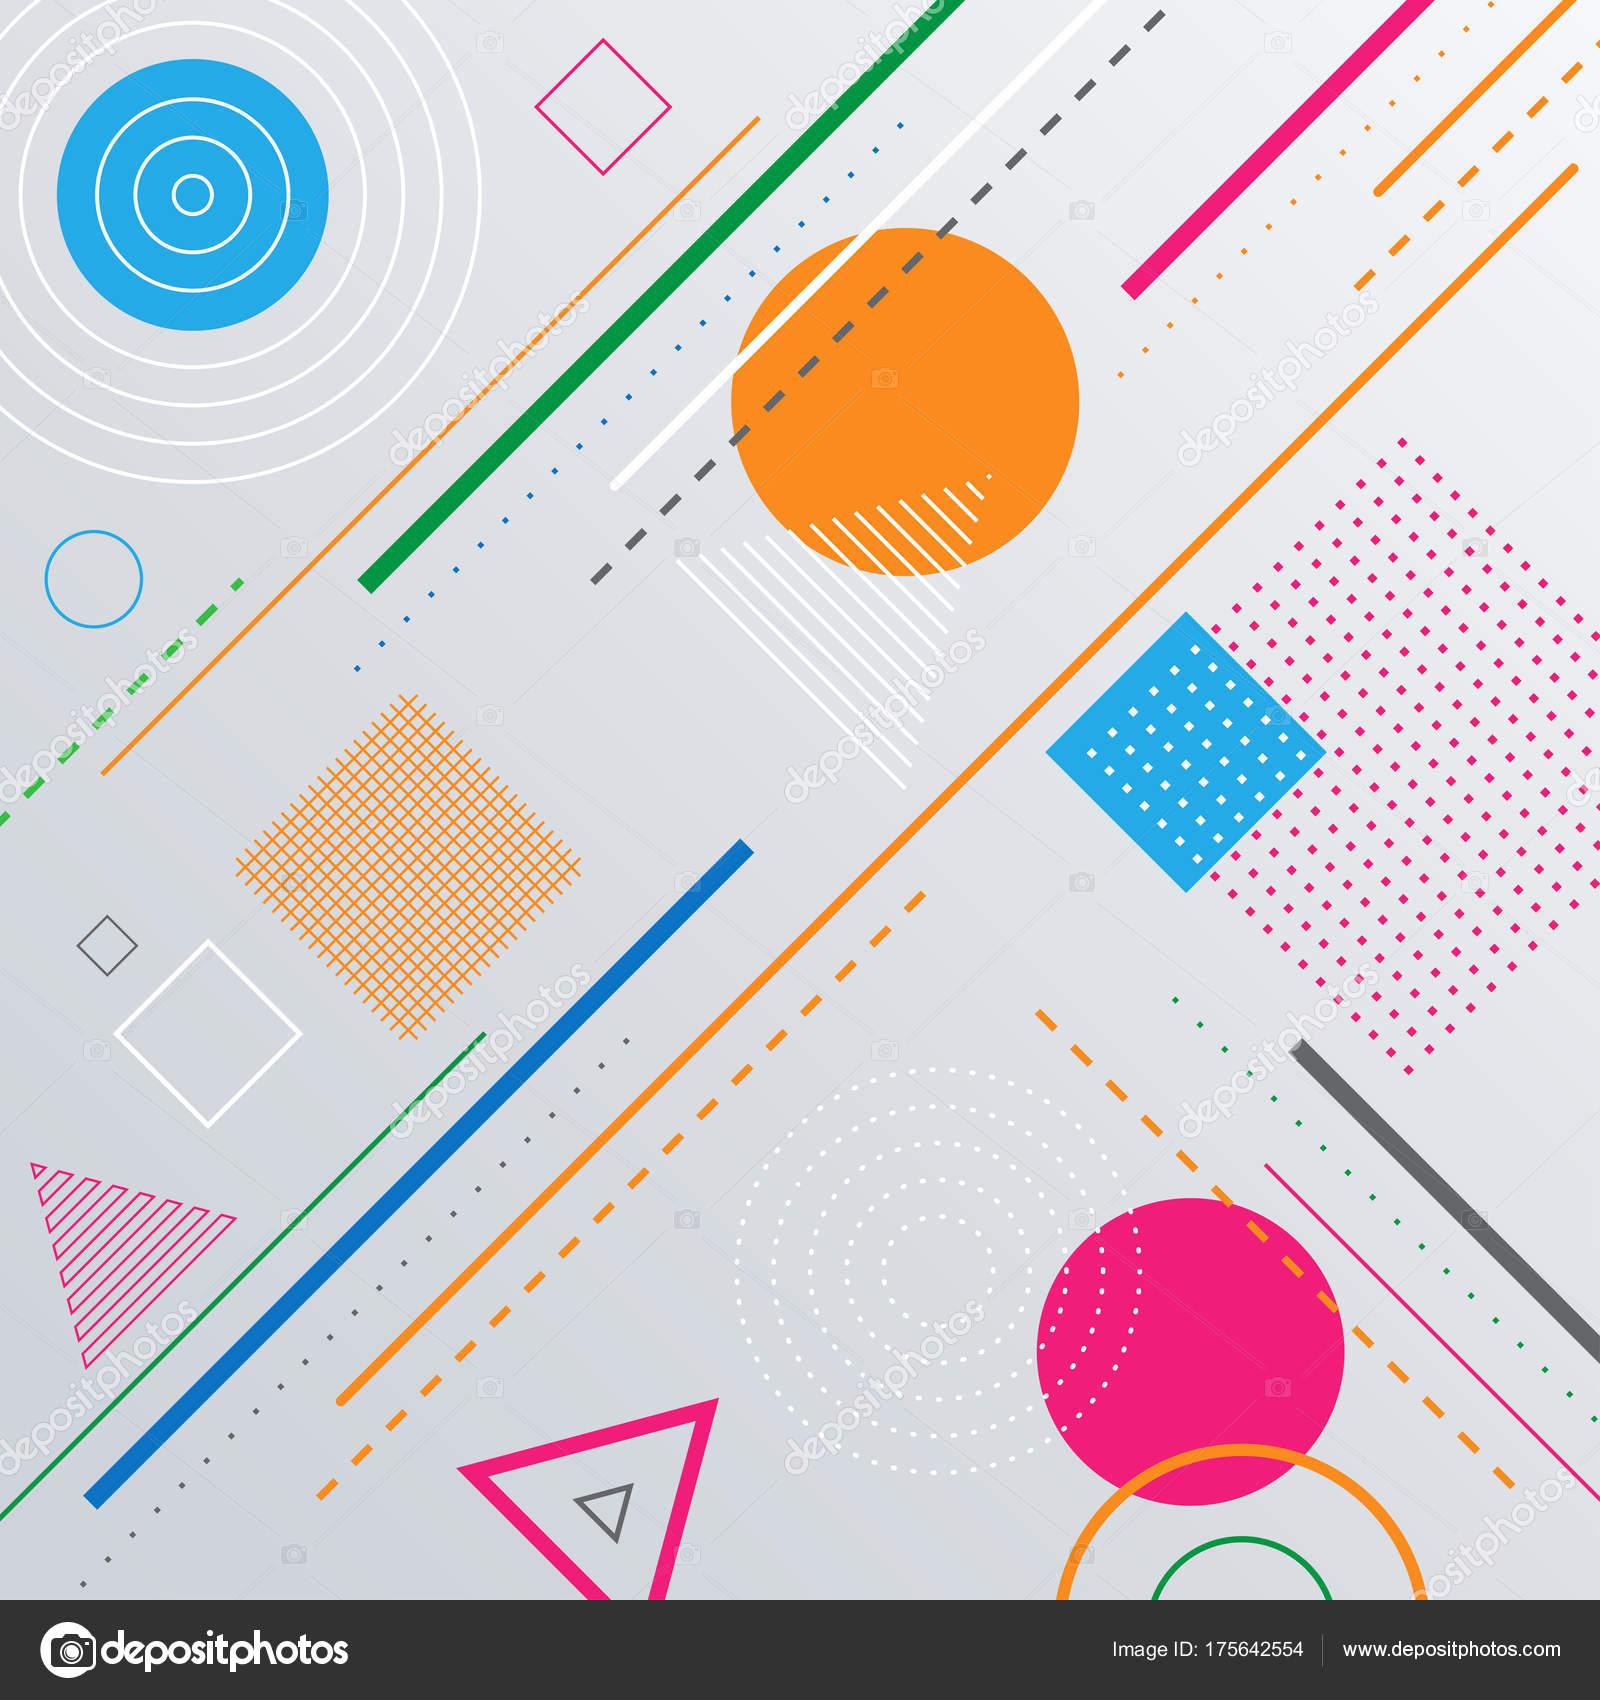 幾何学的なパターンの背景図形を抽象化します 色のついた丸